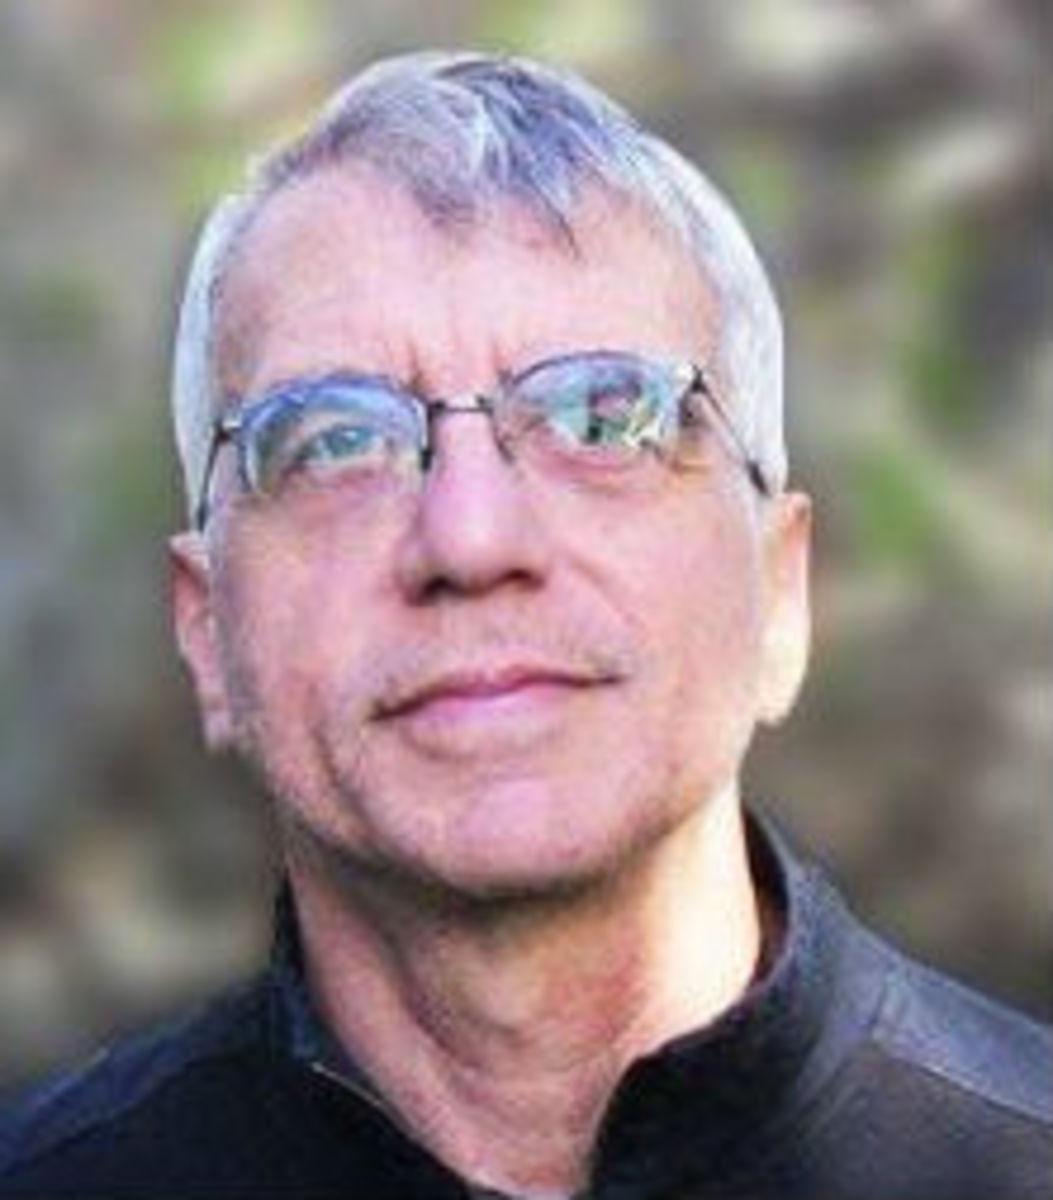 David Weisberg featured